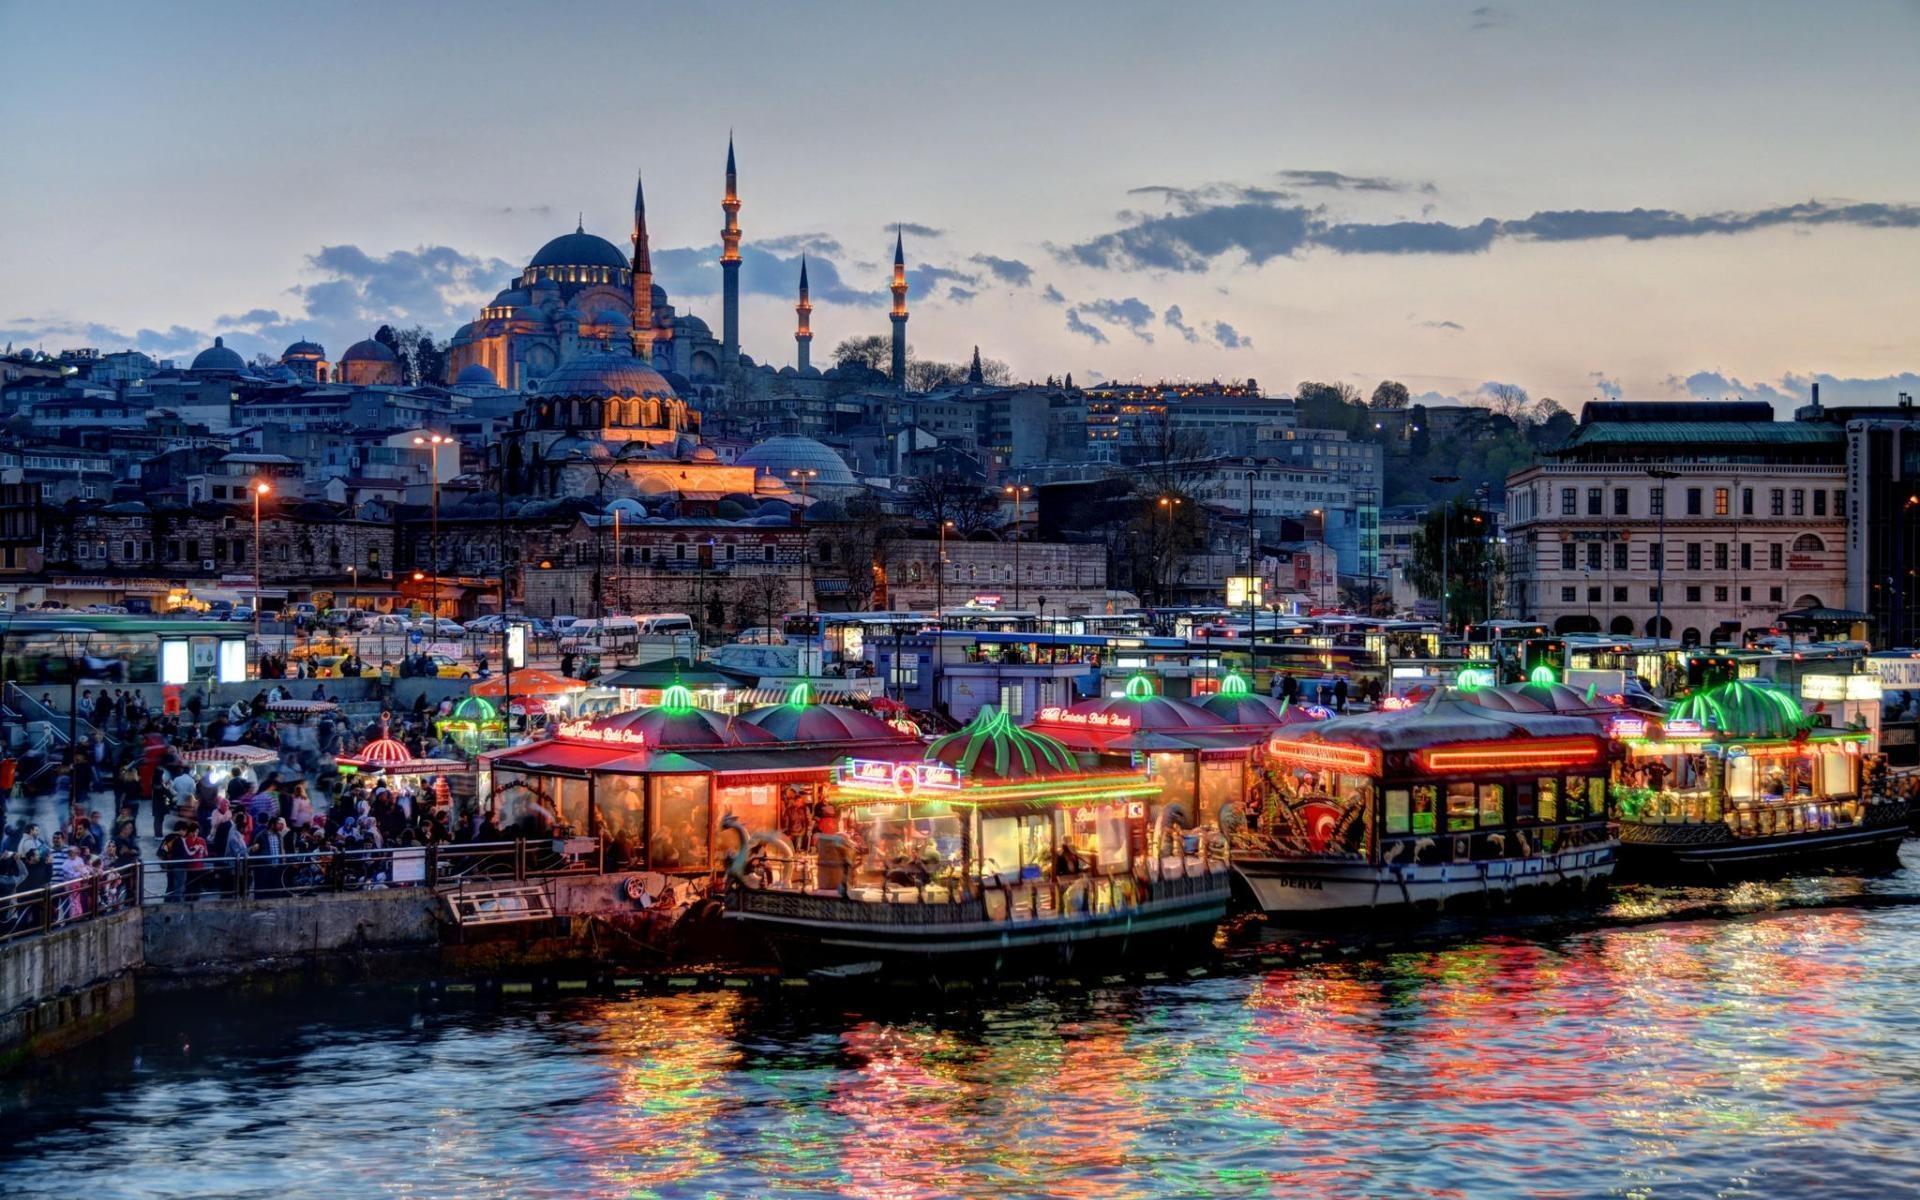 رحلة سياحية الى مدينة اسطنبول الرائعة